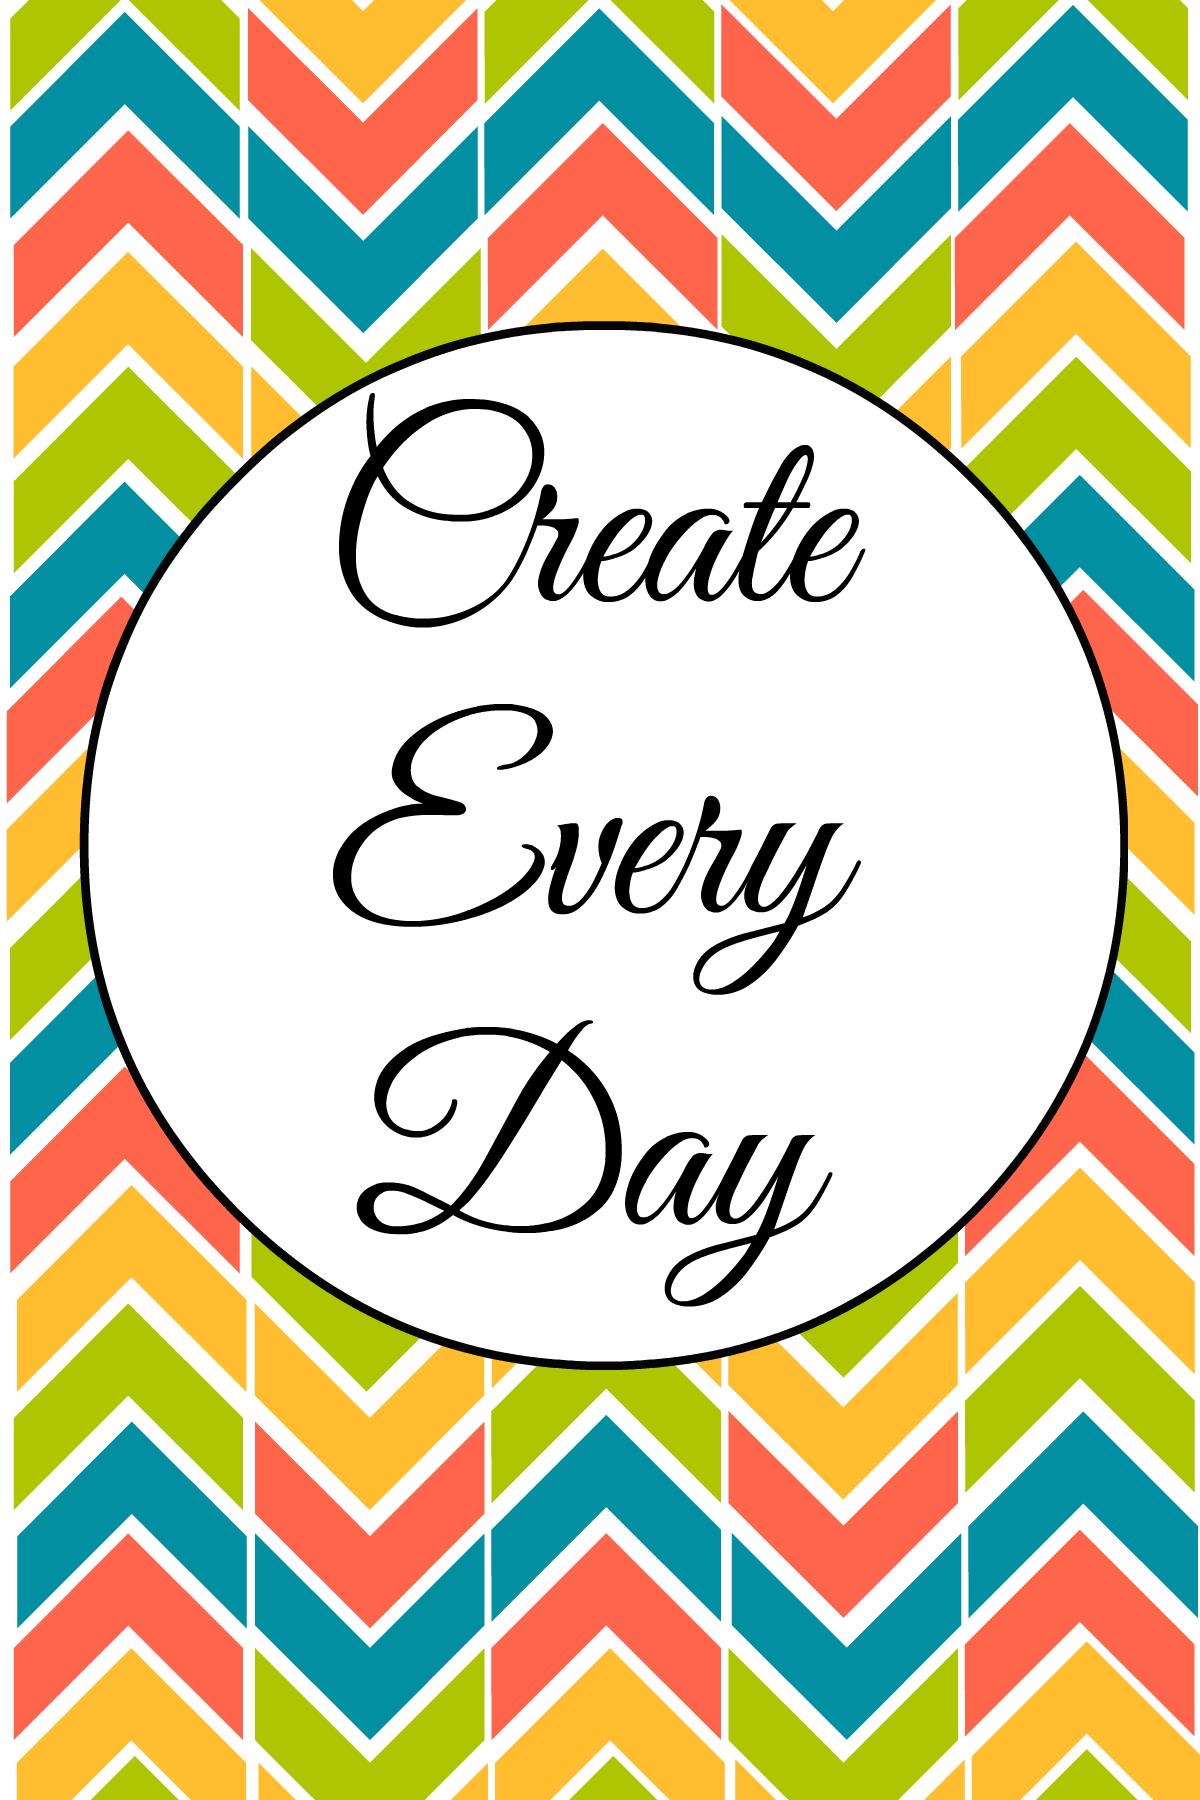 create_everyday